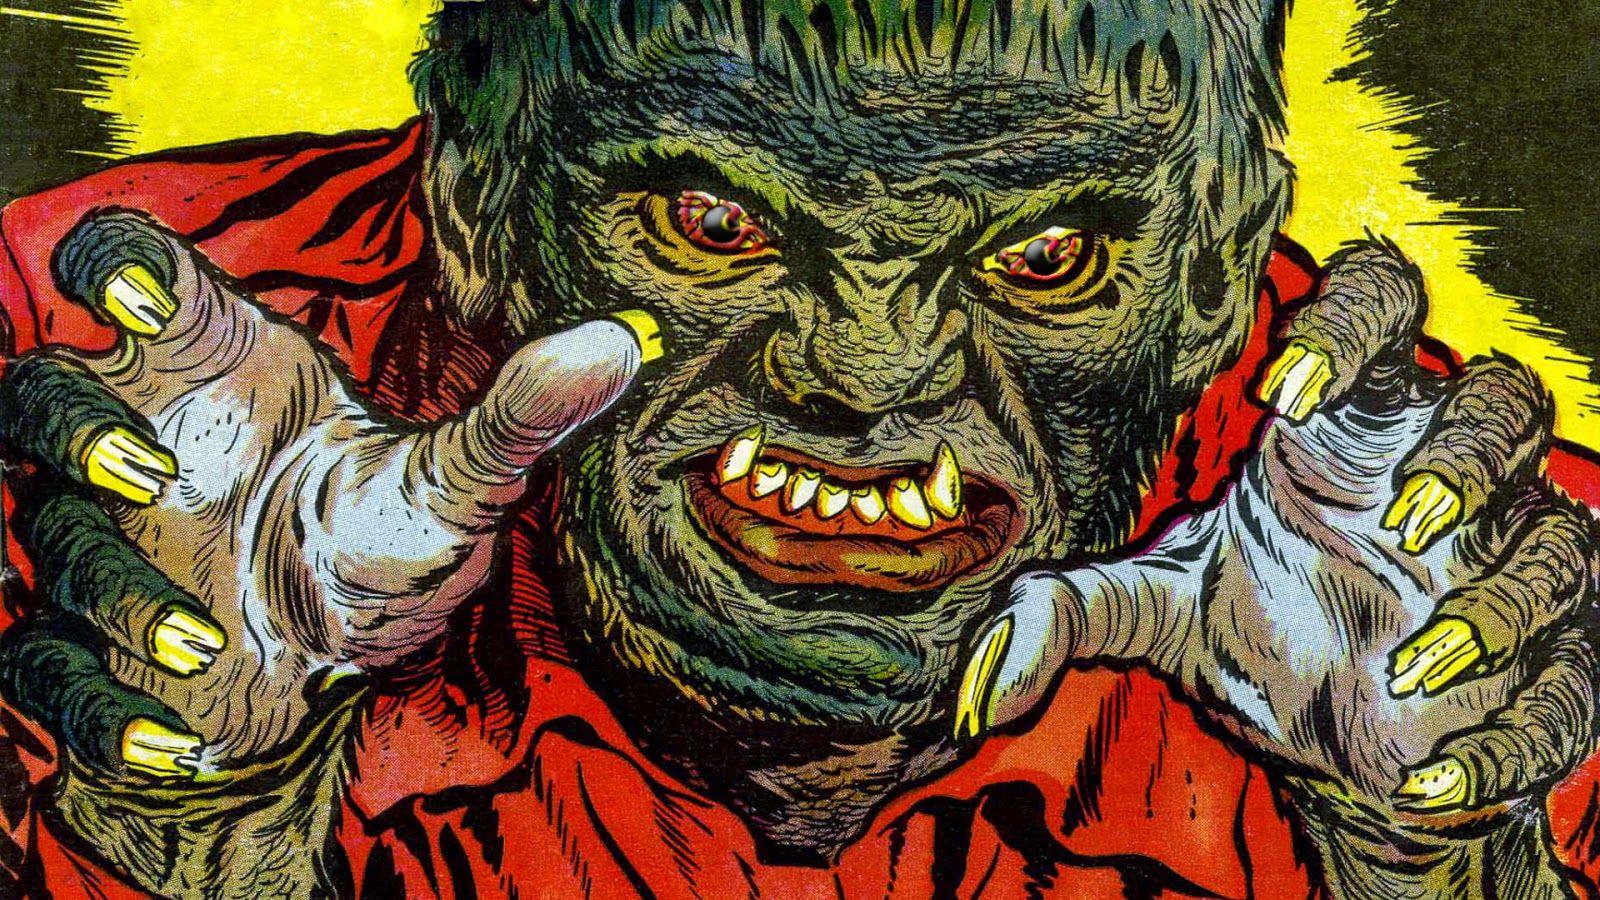 Halloween Vintage Wallpapers Crazy Frankenstein 1600 900 Vintage Halloween Wallpapers 50 Wallpapers Adorabl Arte Rara Decoraciones Para Carpetas Monstruos